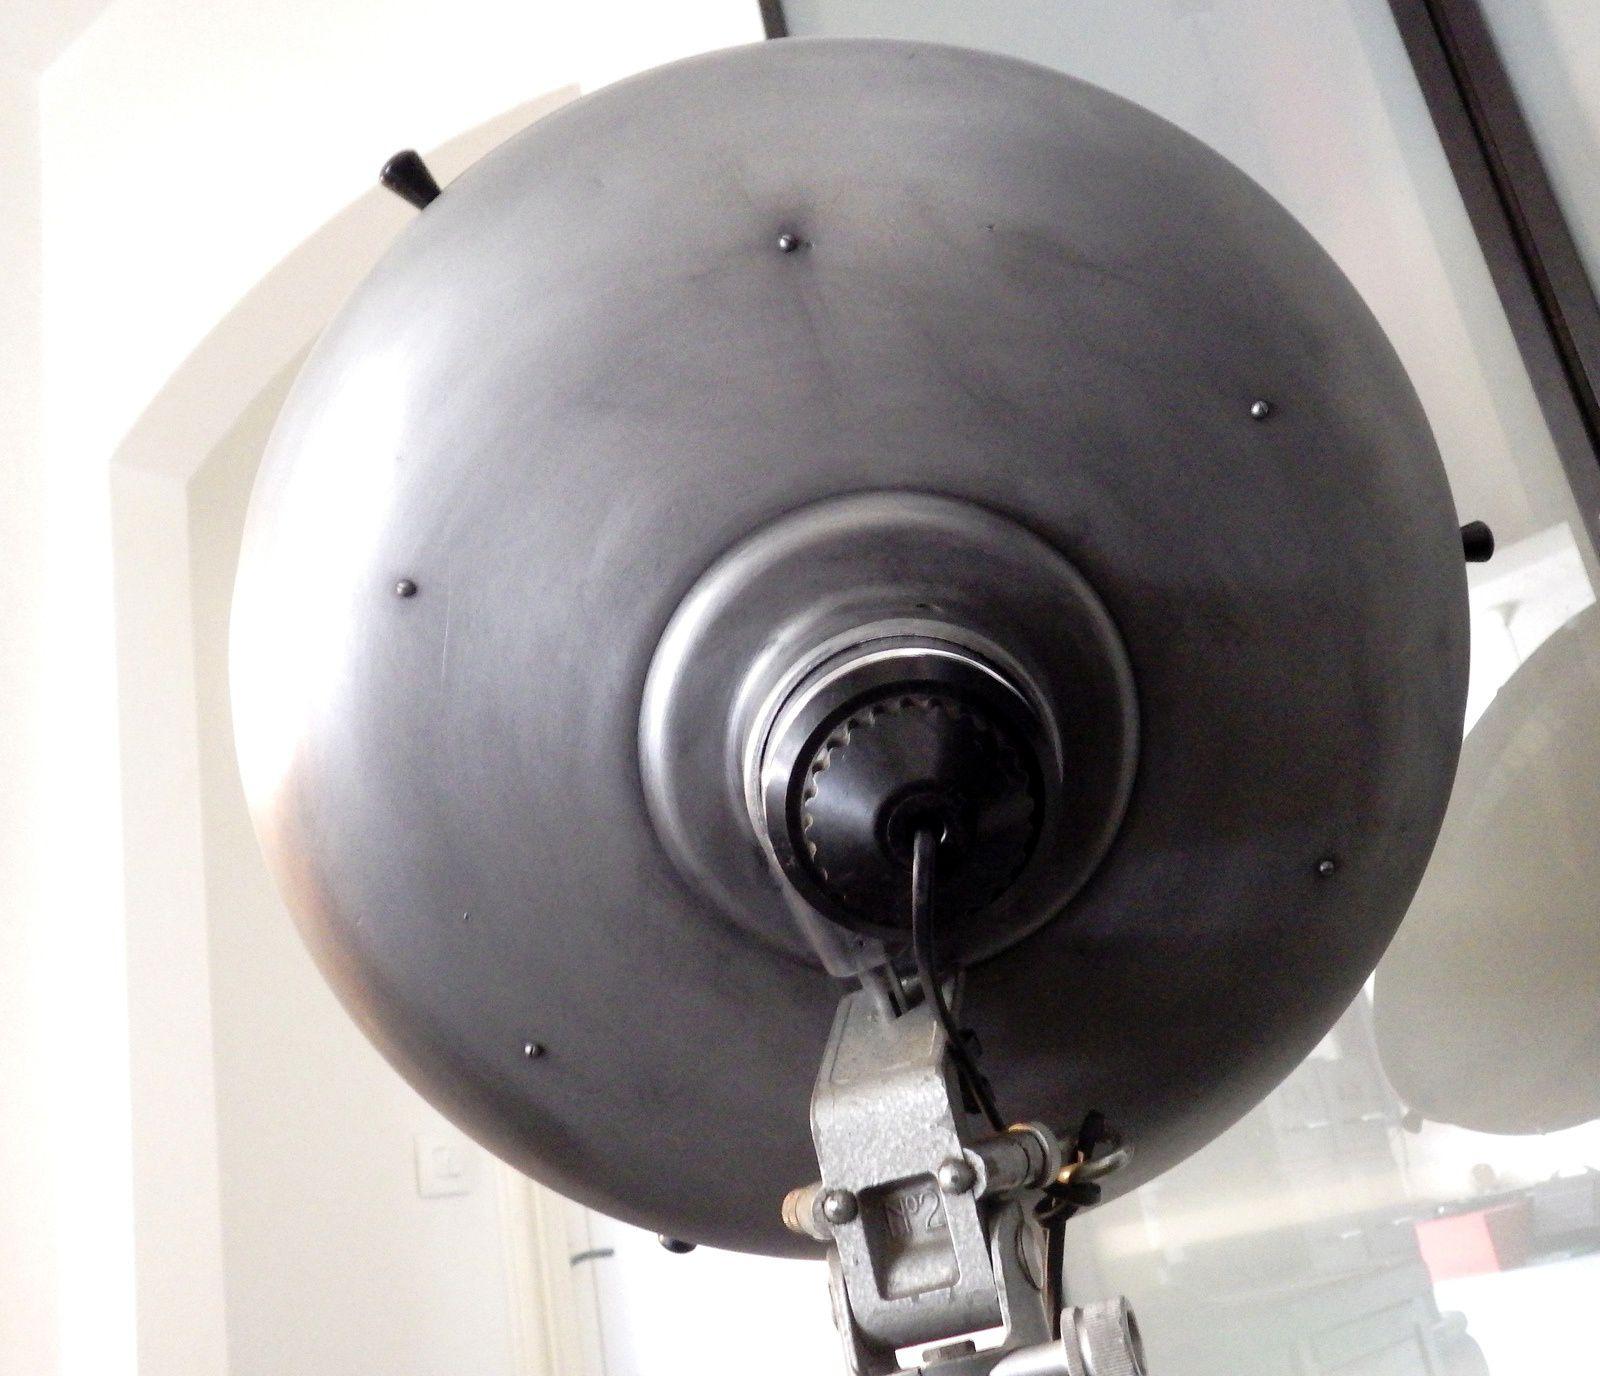 Rare, superbe lampe scyalitique BBT sur trépied pour éclairage loft industriel.